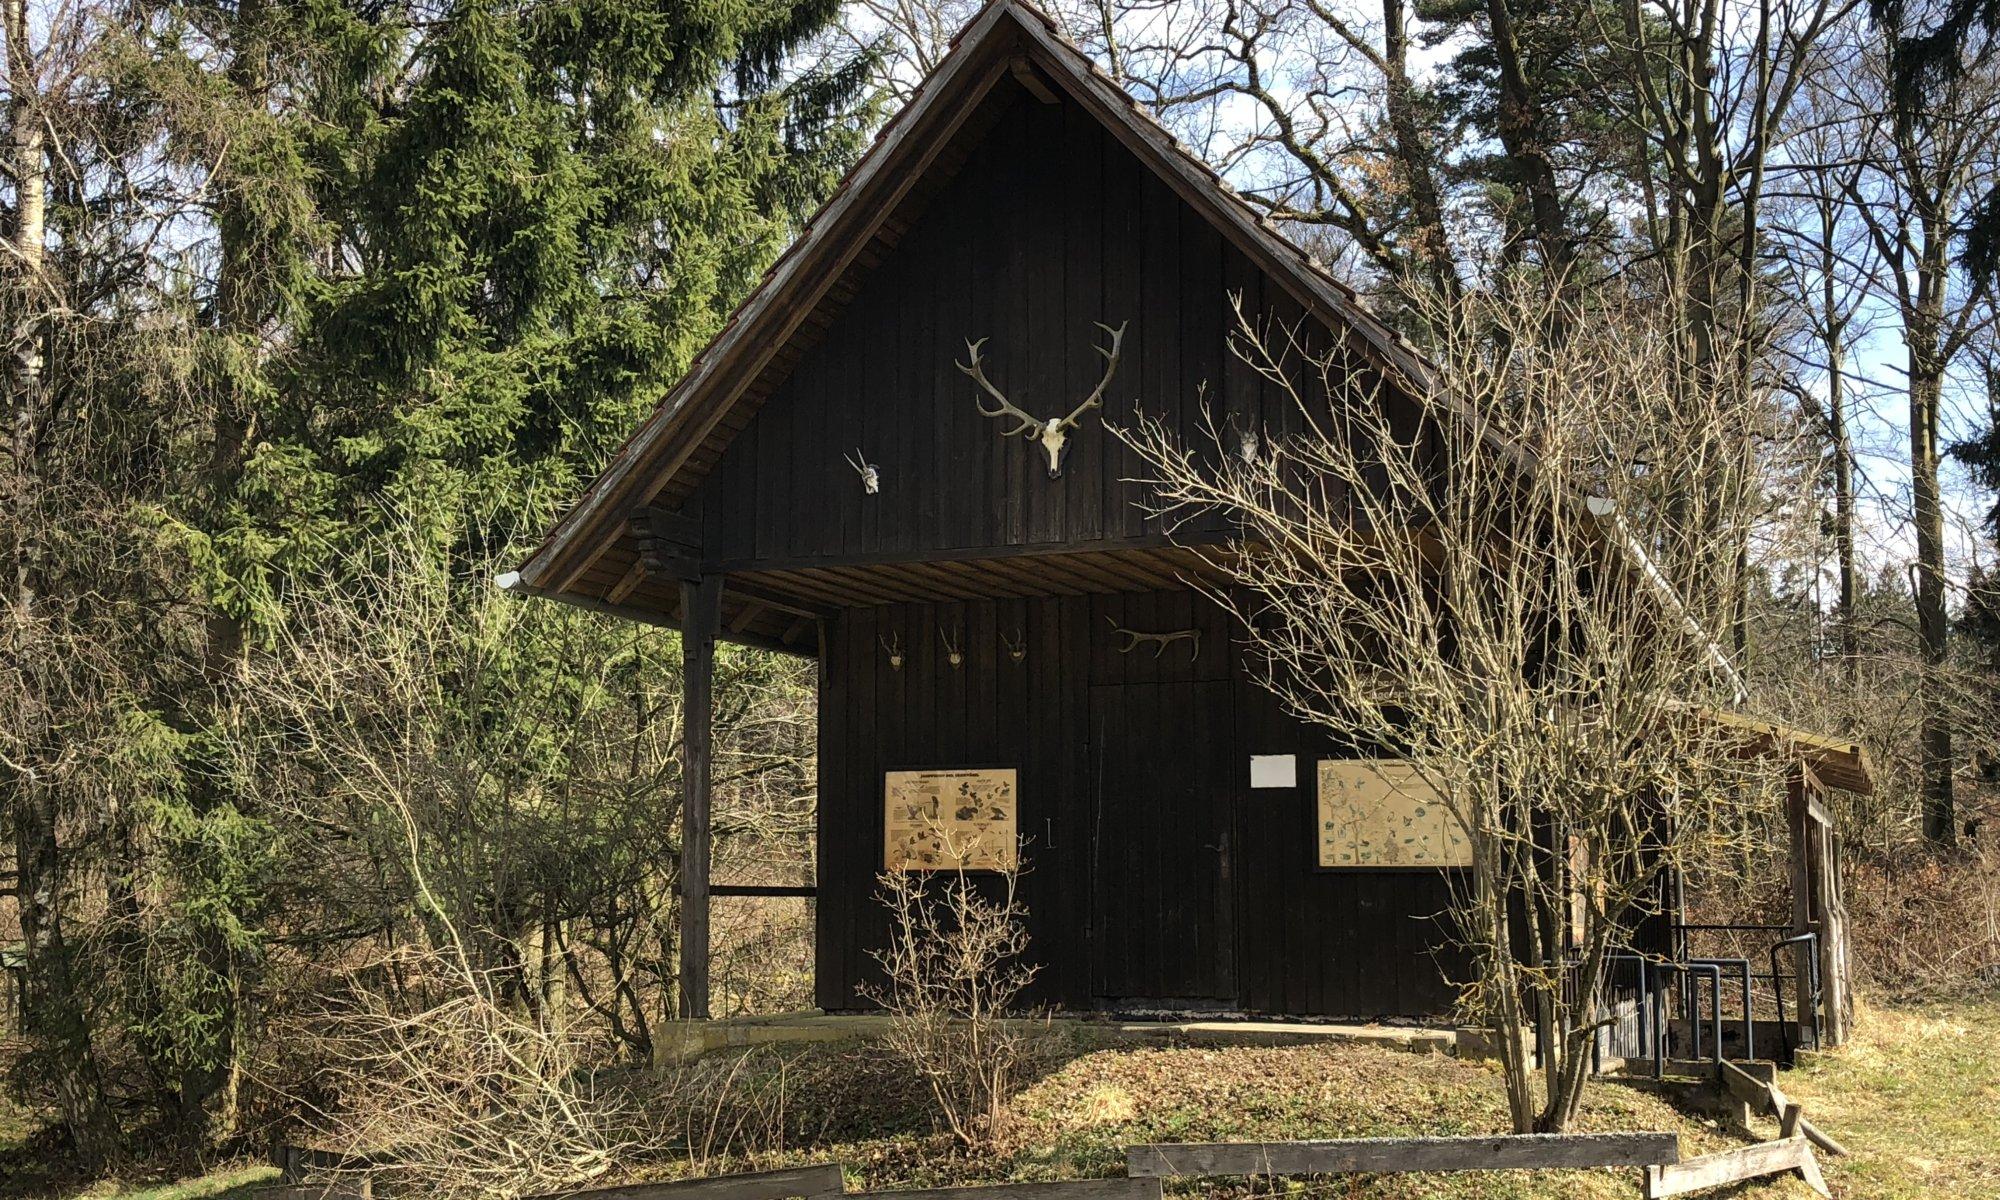 Wald- und Jagdmuseum, Hann. Münden